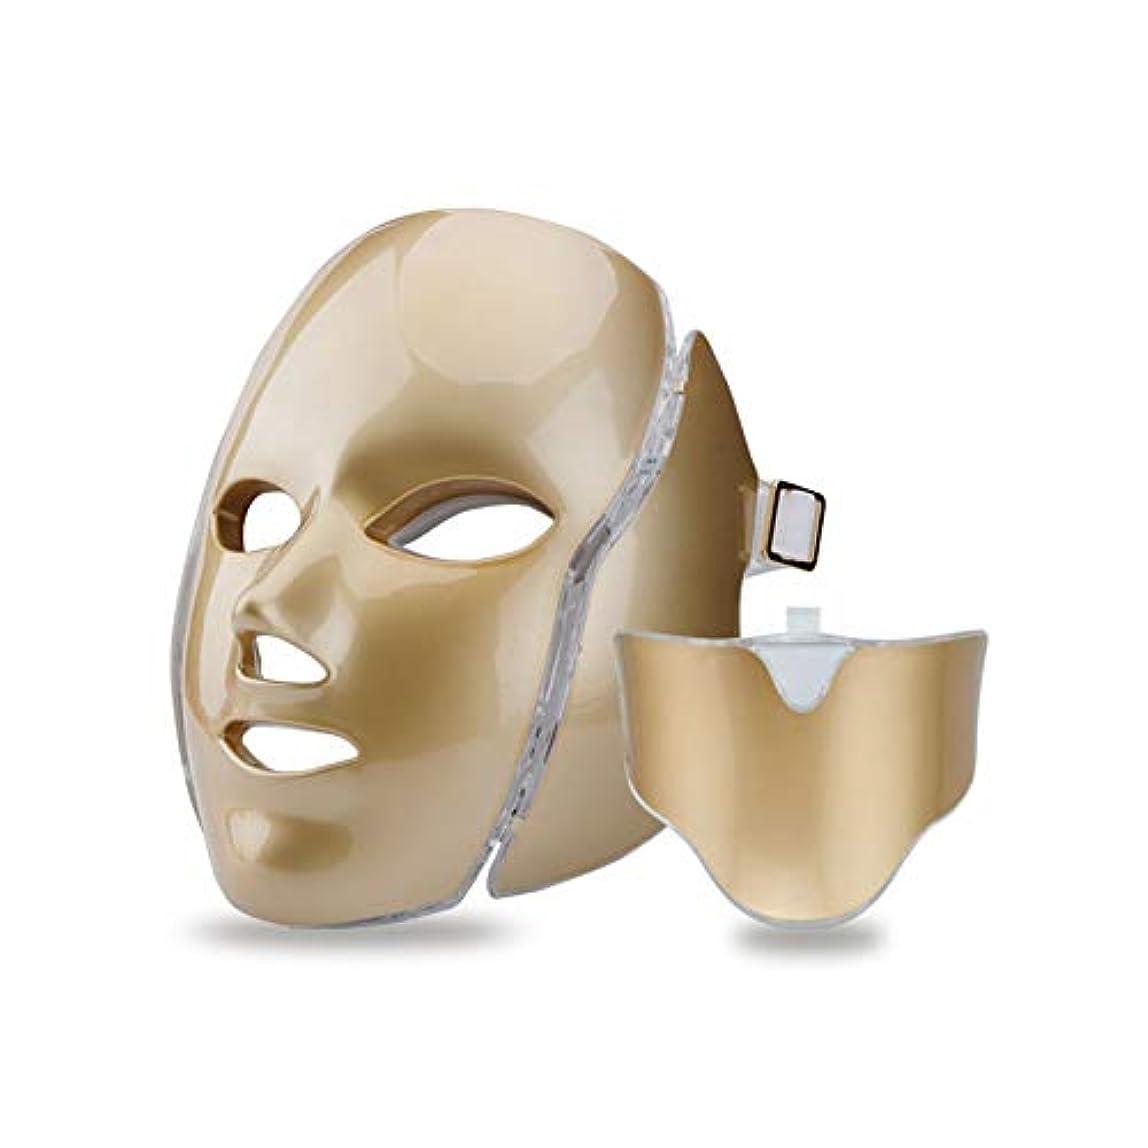 強います達成可能パターン赤色光光子治療機7色ledマスク+首、肌の若返りニキビフェイシャルスパ美容機器,Gold